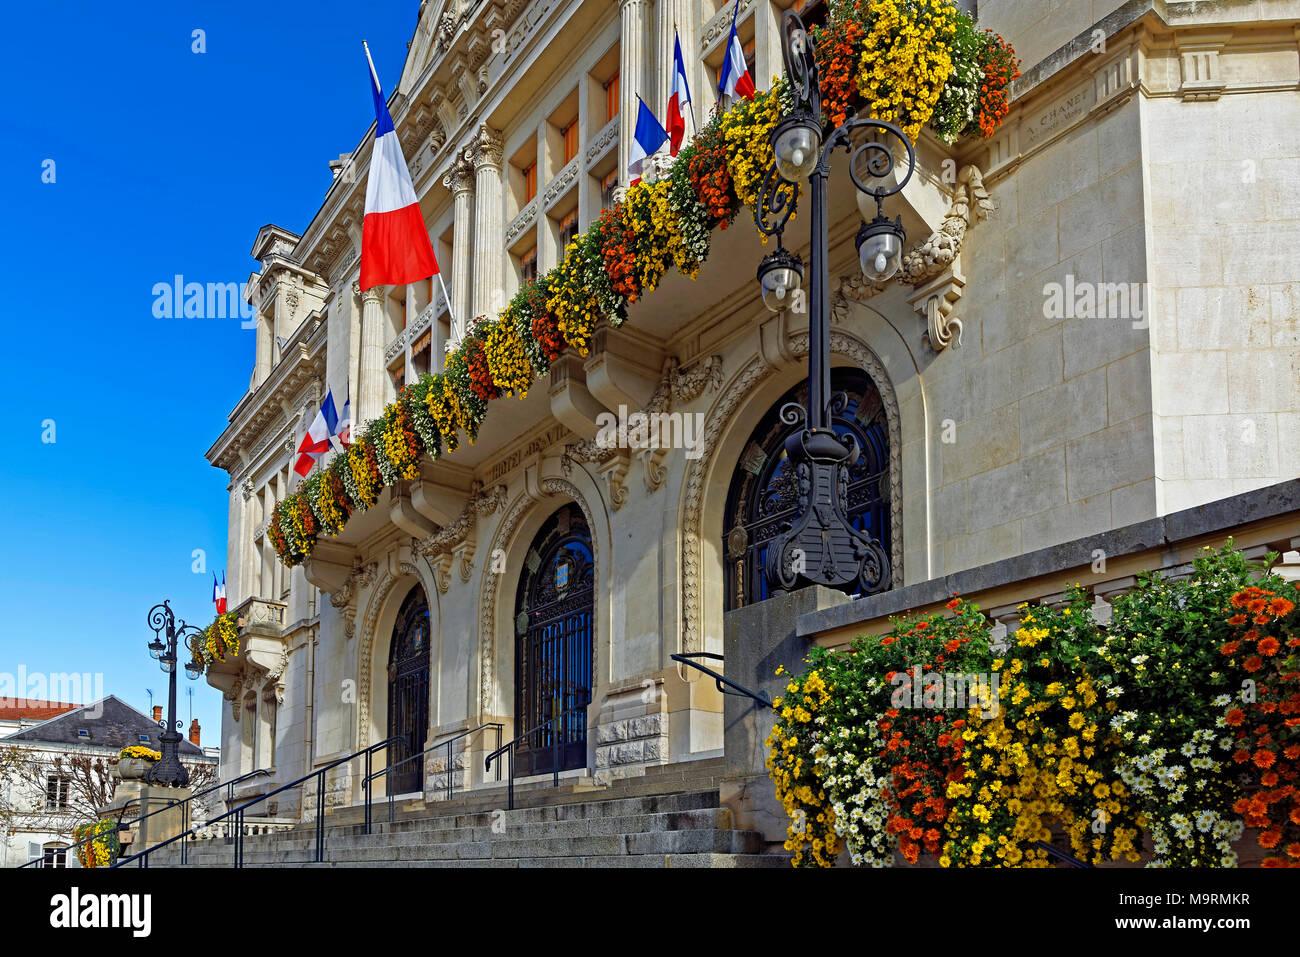 Europe, France, Auvergne, Vichy, Place de l'Hôtel de Ville, city hall, l'Hôtel de Ville, Marie de Vichy, architecture, building, flowers, historically Stock Photo